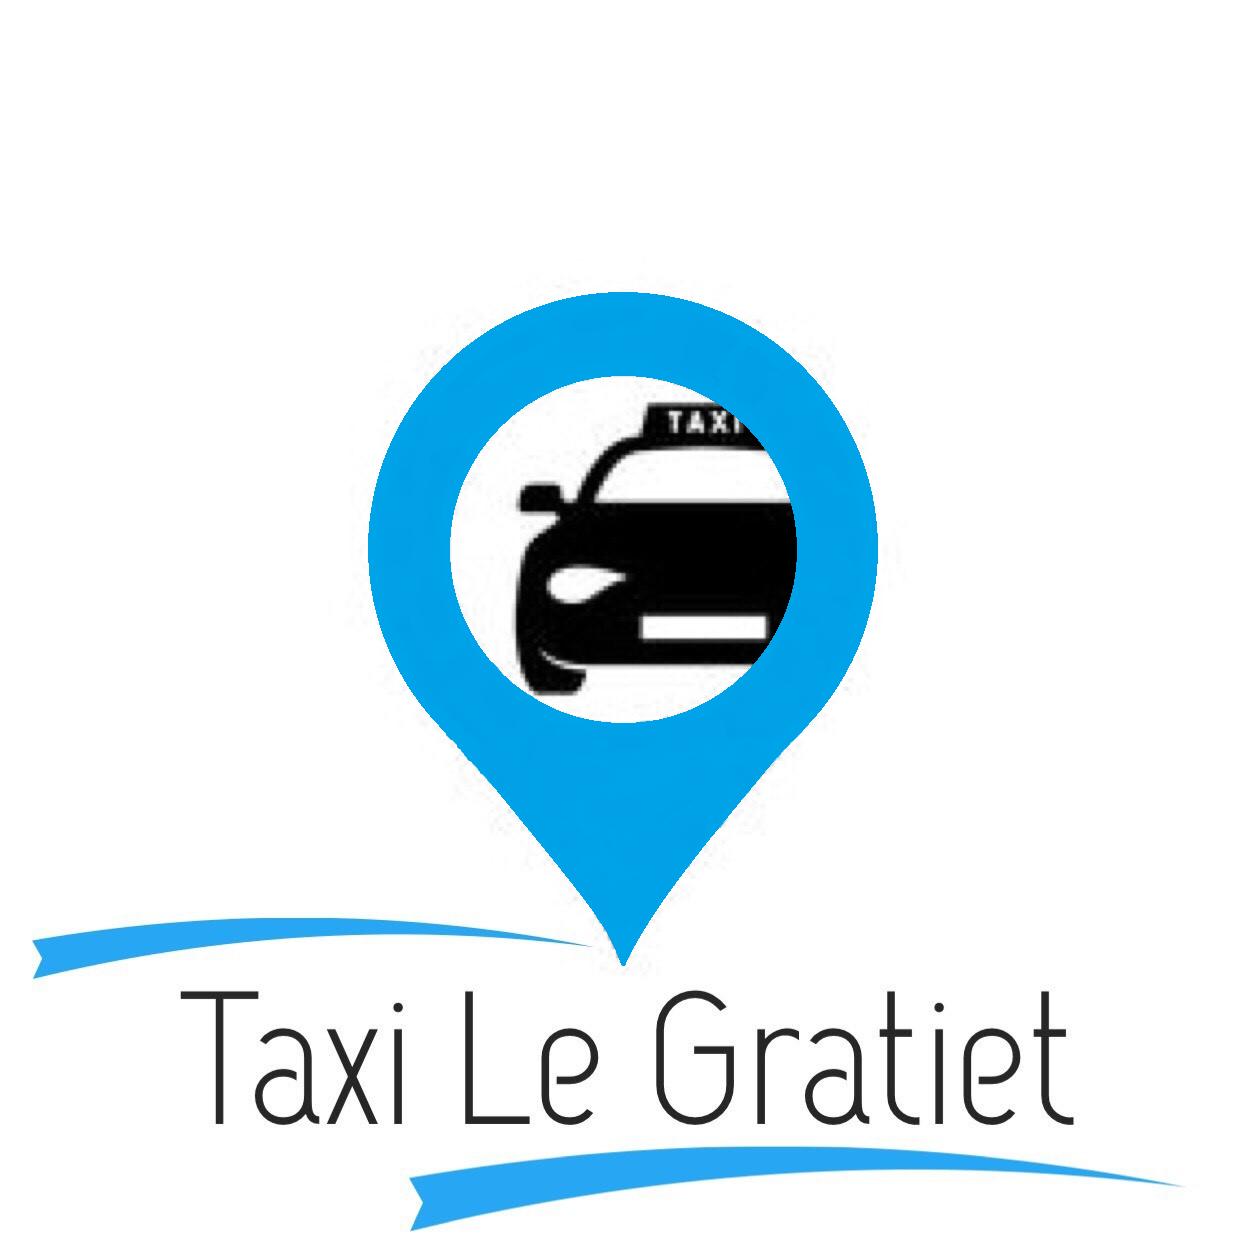 Taxi le Gratiet taxi